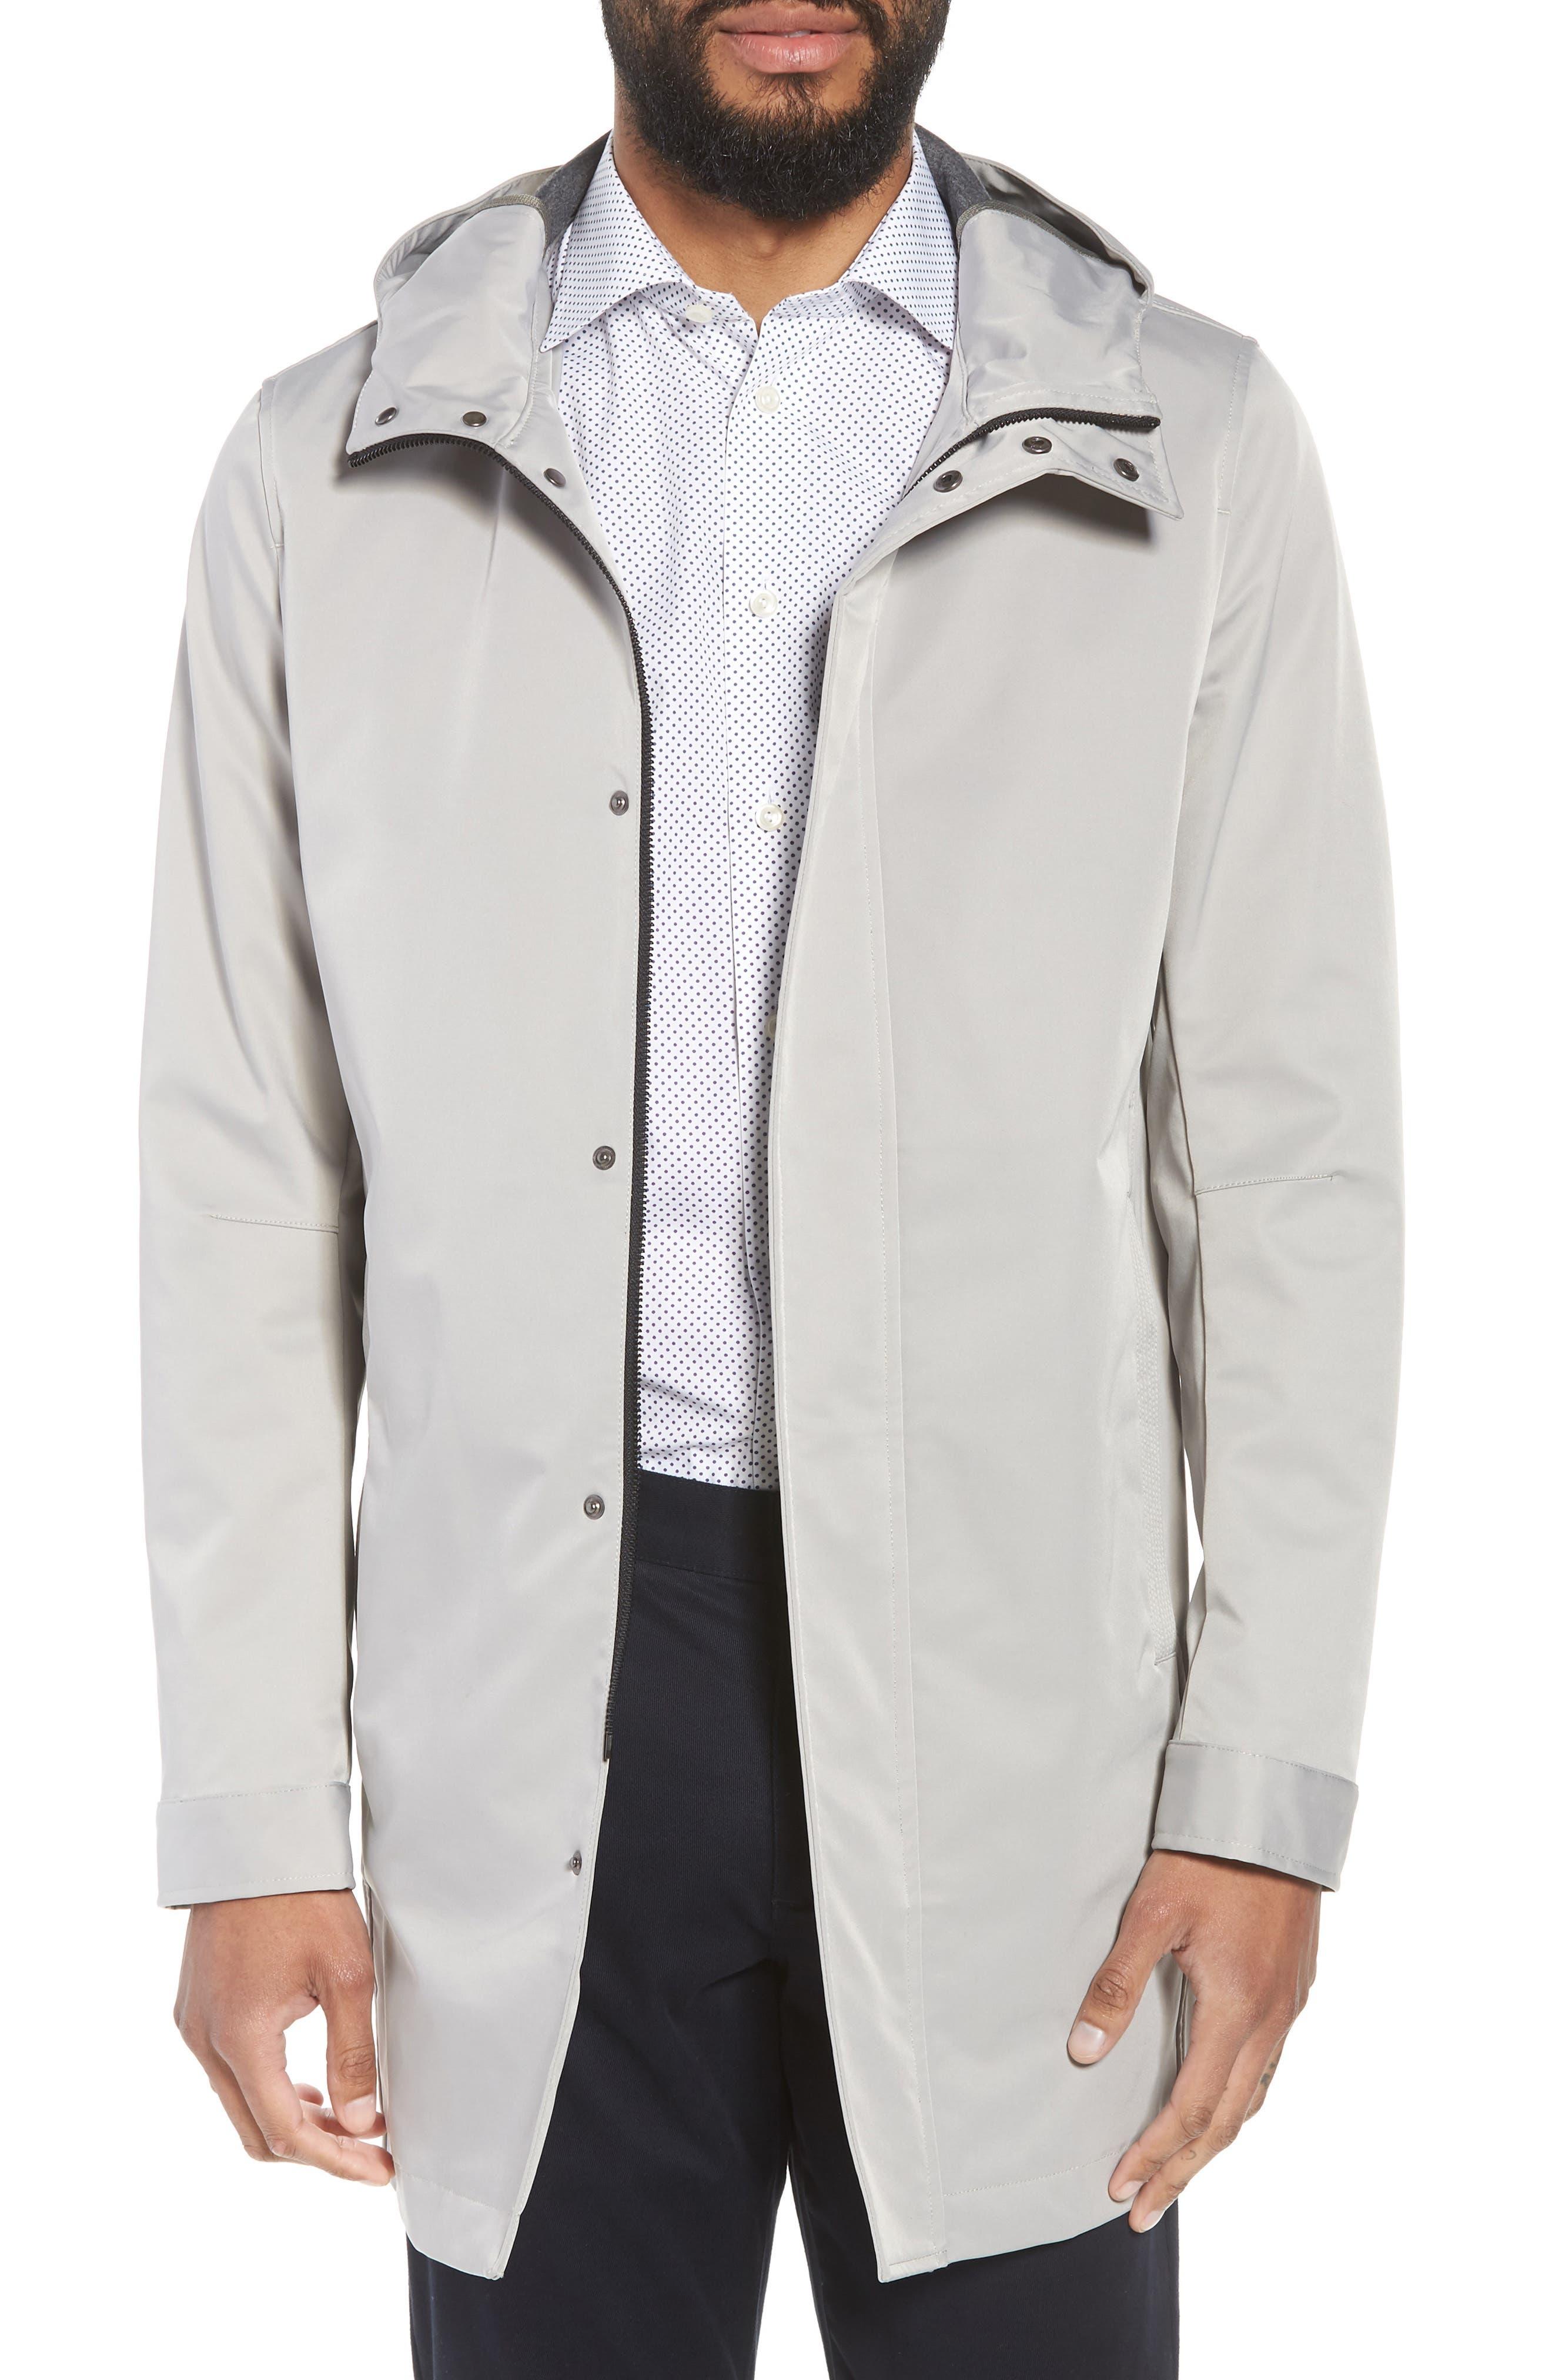 Verner Hooded Mac Jacket,                             Main thumbnail 1, color,                             250